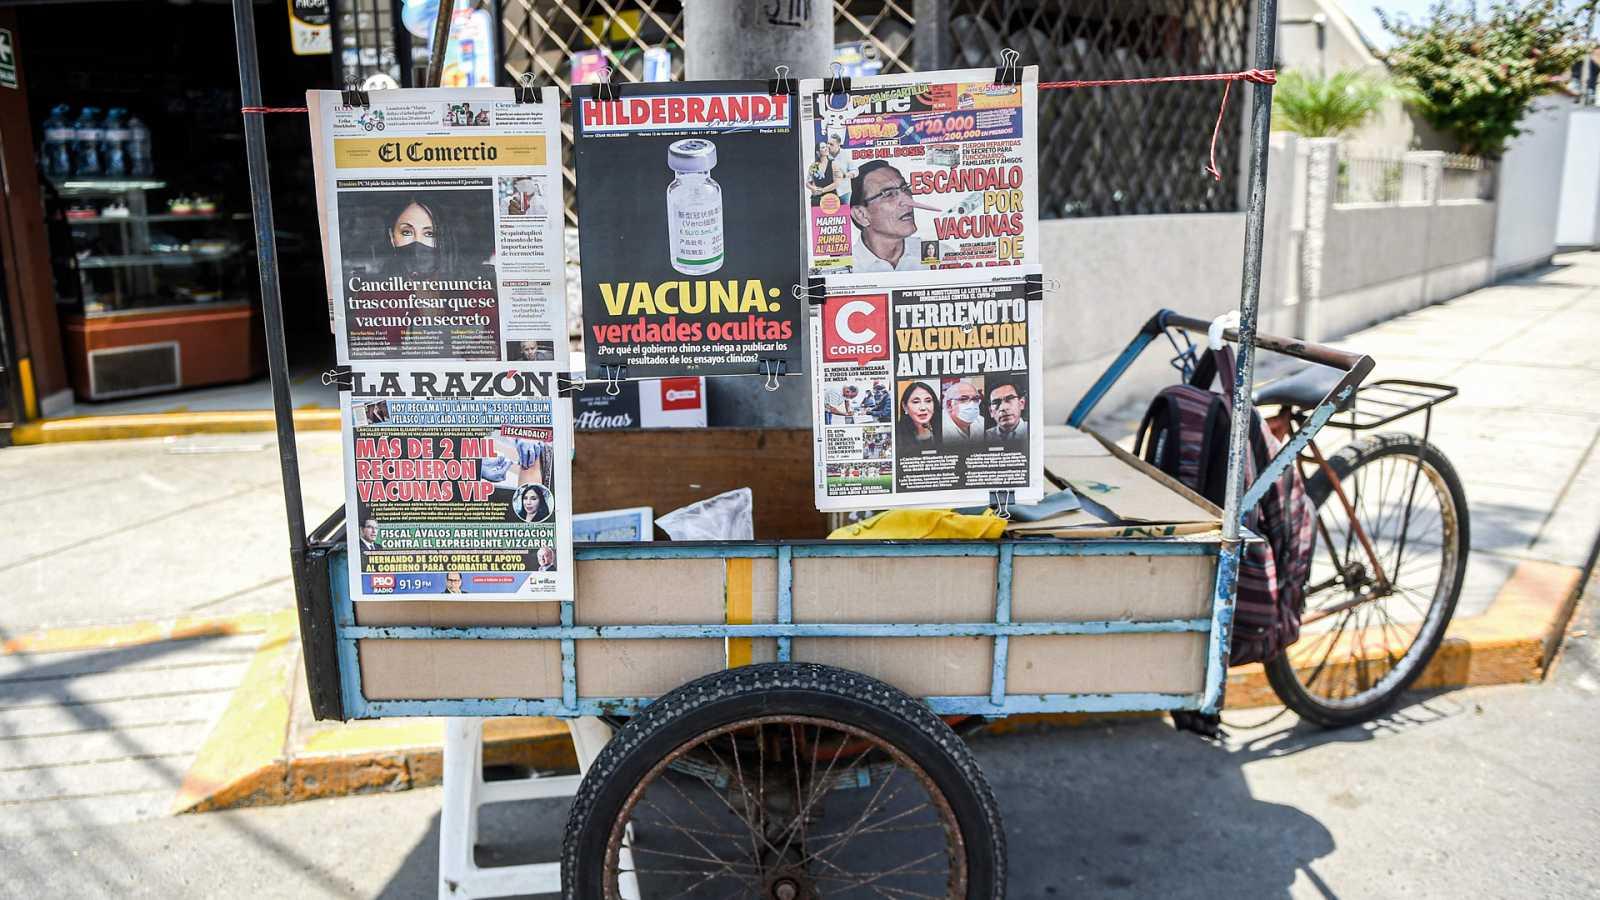 Hora América - 'Vacunagate' en Perú - 16/02/21 - escuchar ahora